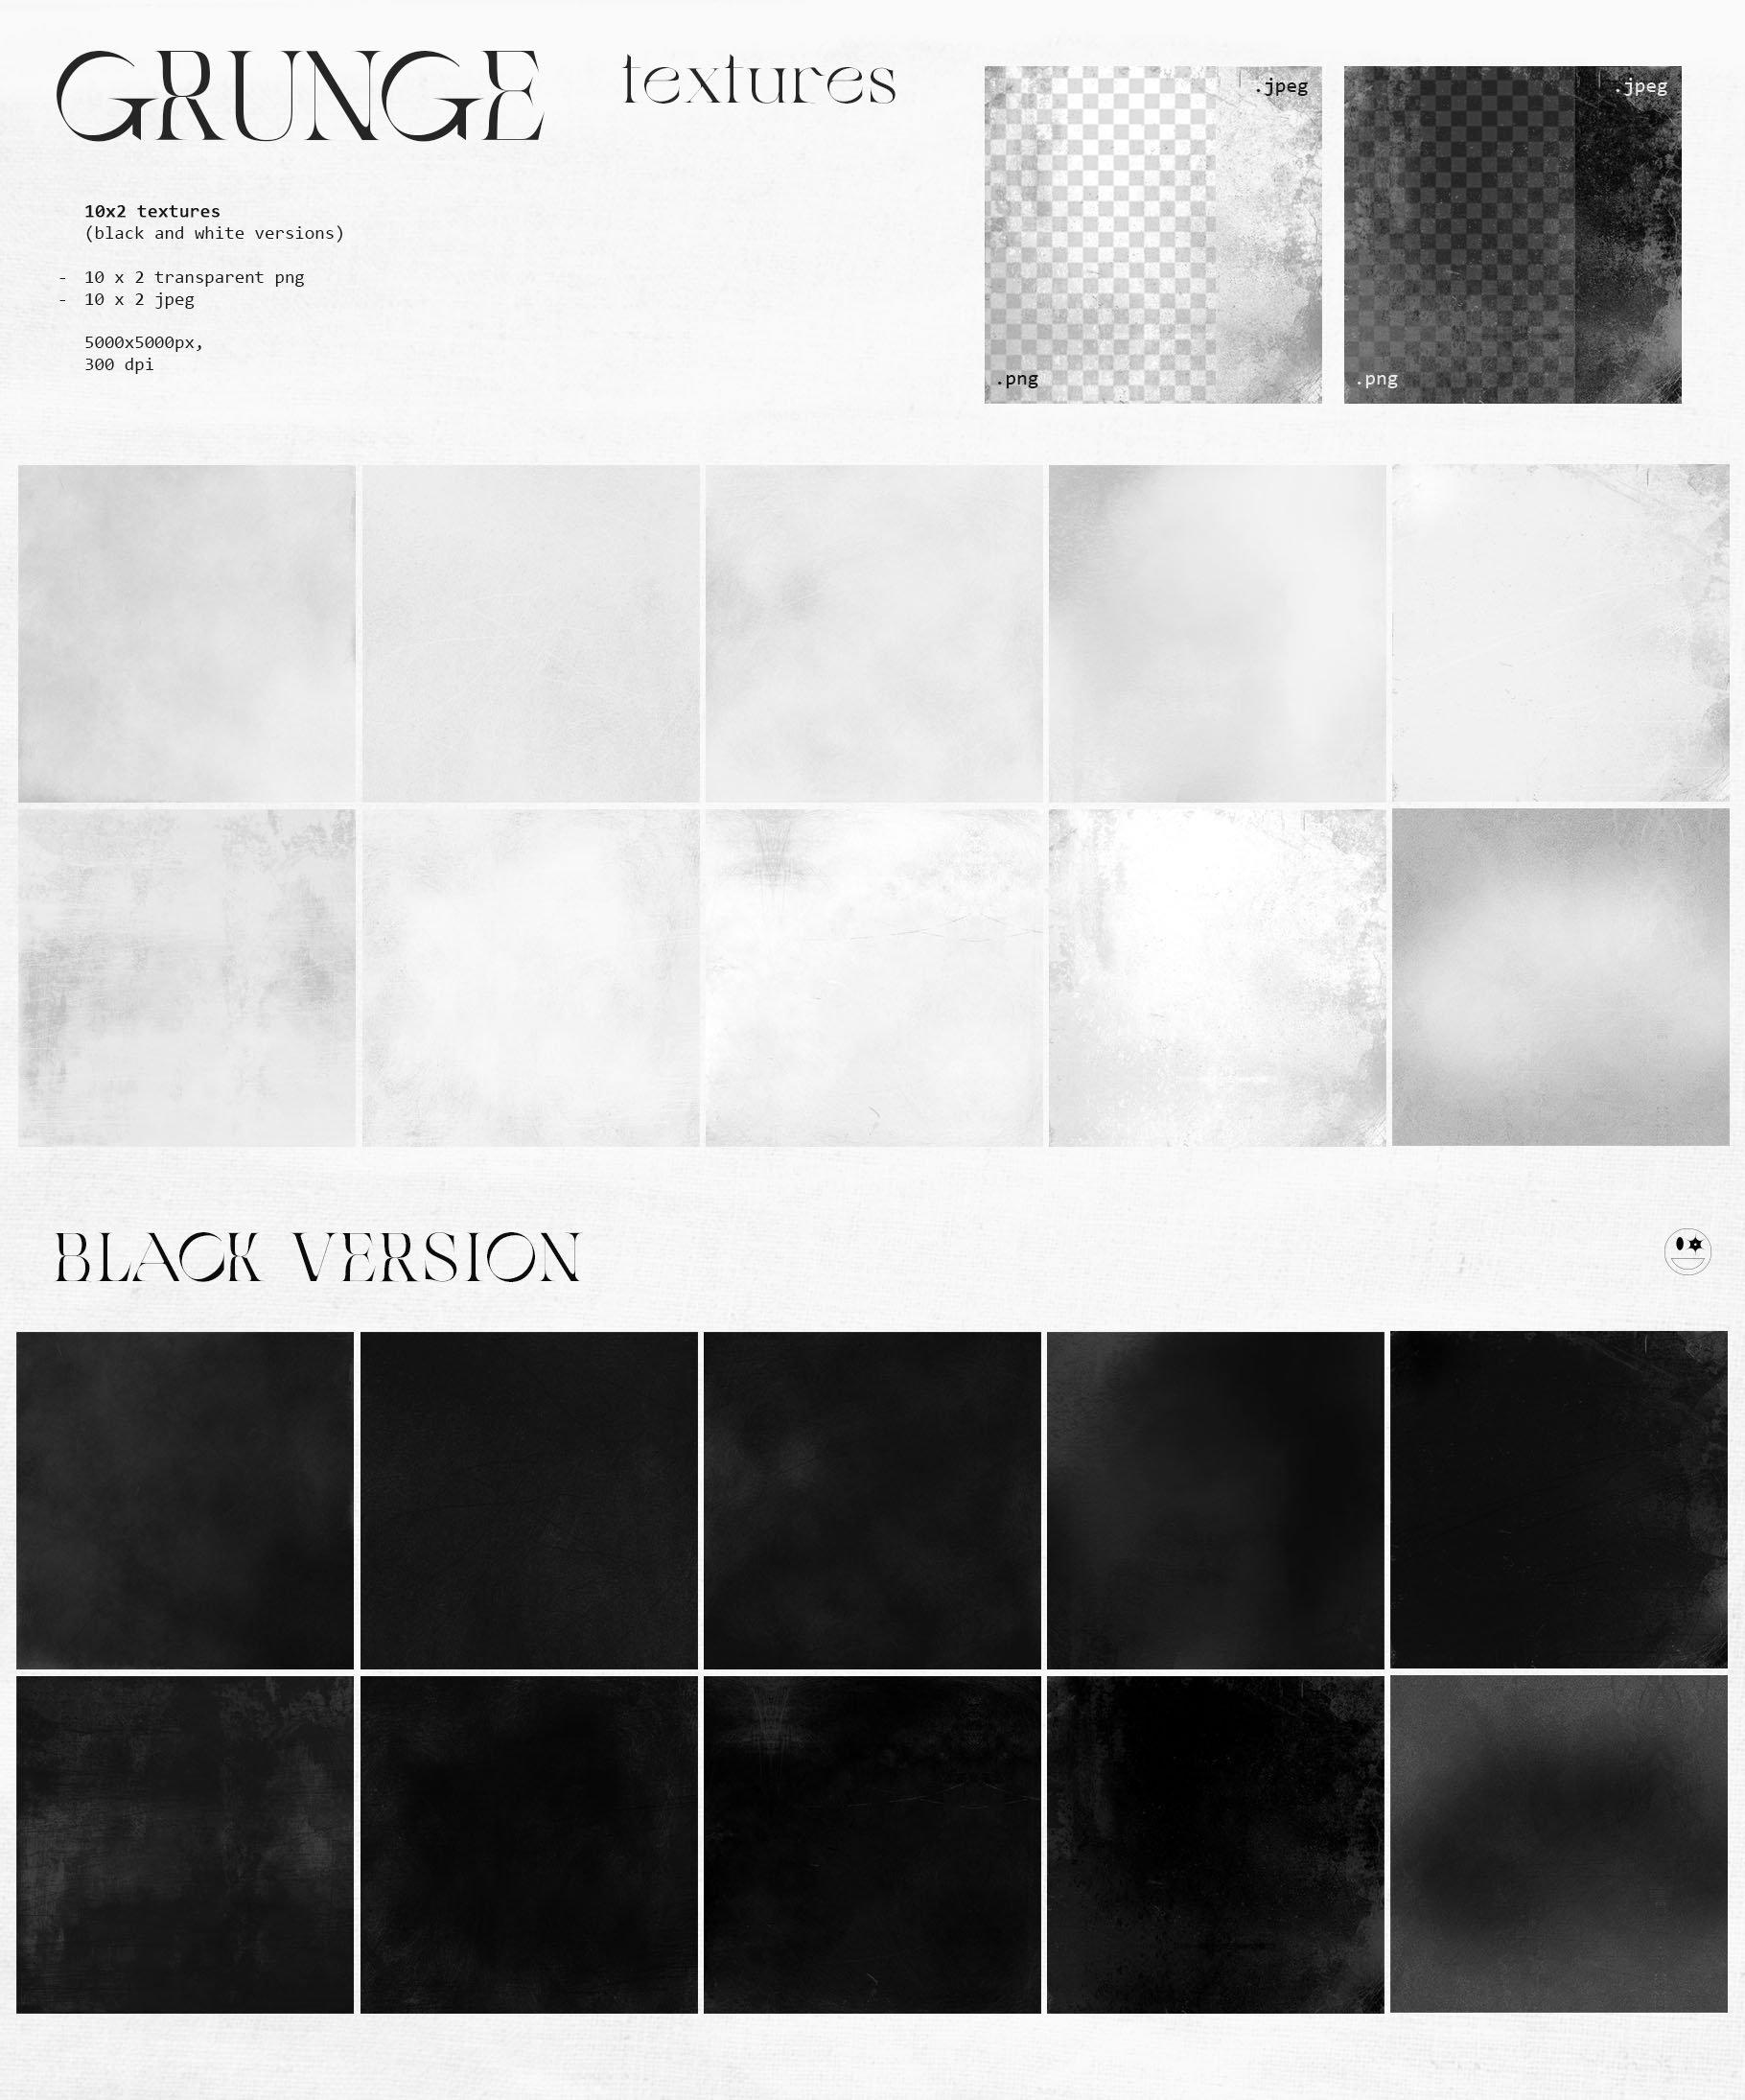 [淘宝购买] 潮流抽象几何形状渐变背景粗糙纹理海报背景设计素材套装 Inartflow – Shapes And Textures插图10